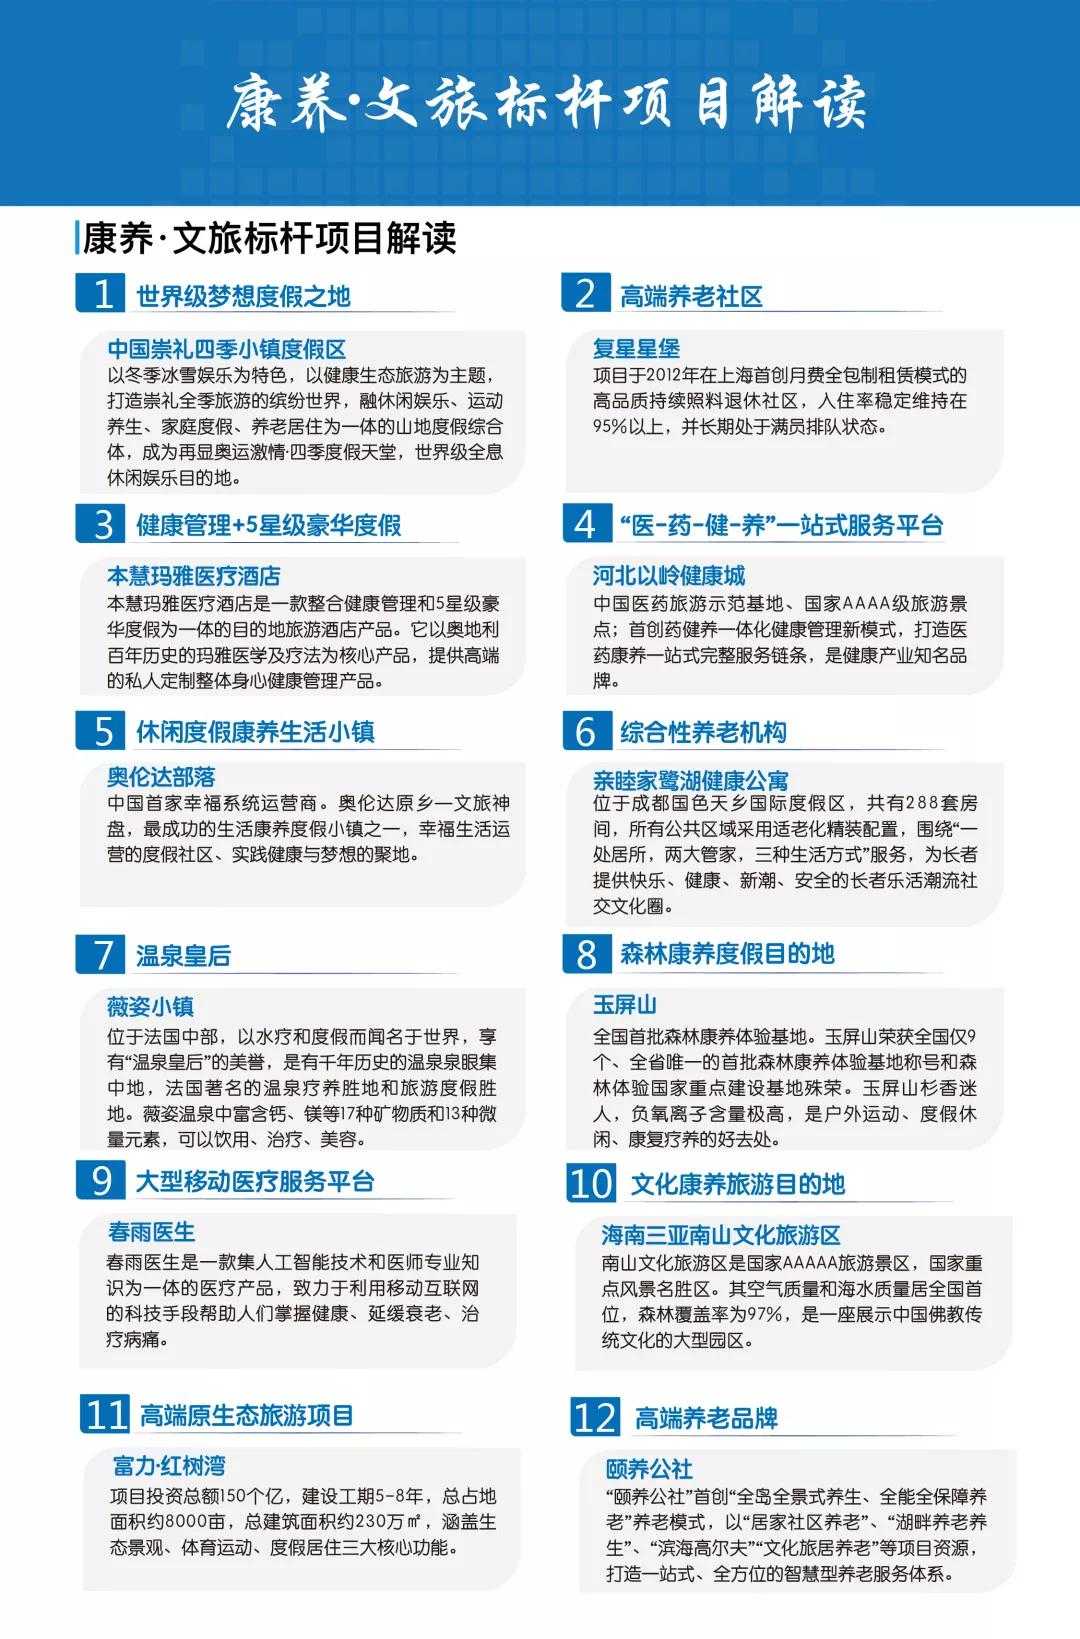 2019第七届中国康养·文旅产业发展高端总裁峰会